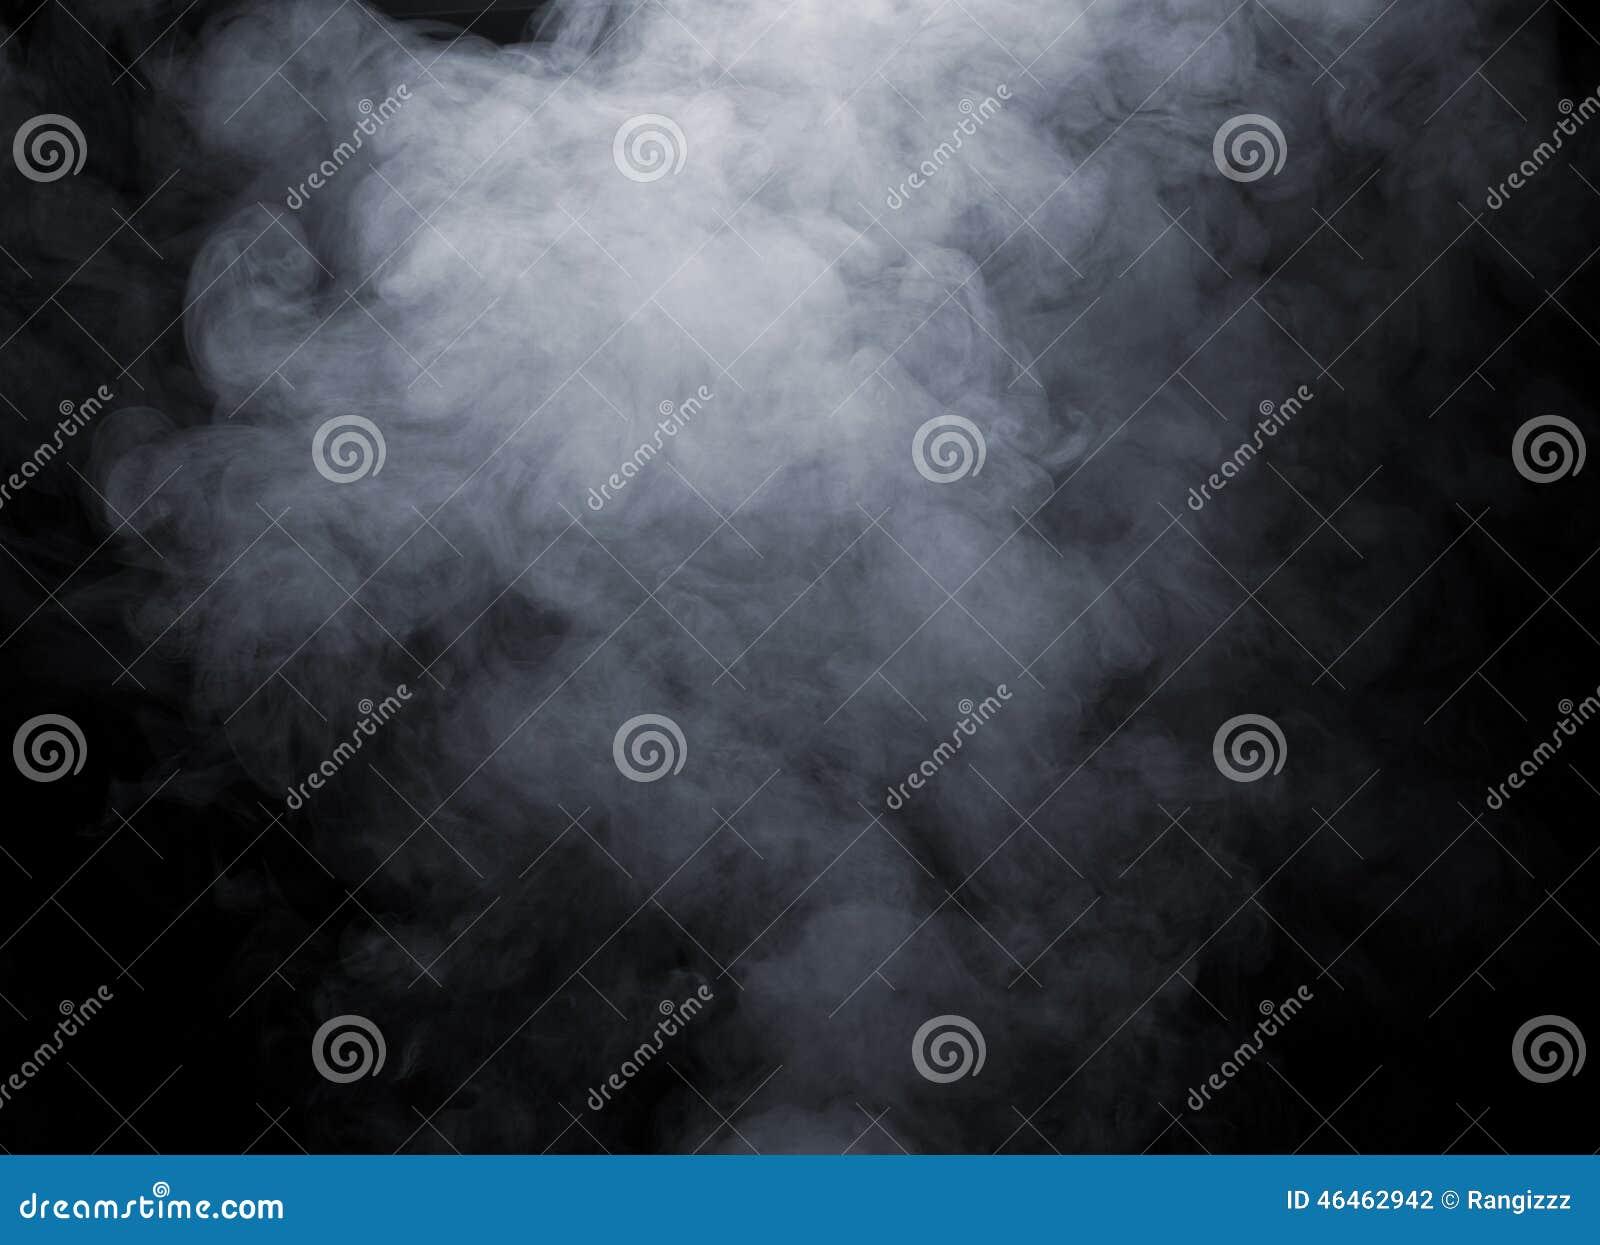 μεγάλα αντικείμενα ελέγχων ιστορικού περισσότερο ο άλλος παρόμοιος καπνός σειράς χαρτοφυλακίων μου